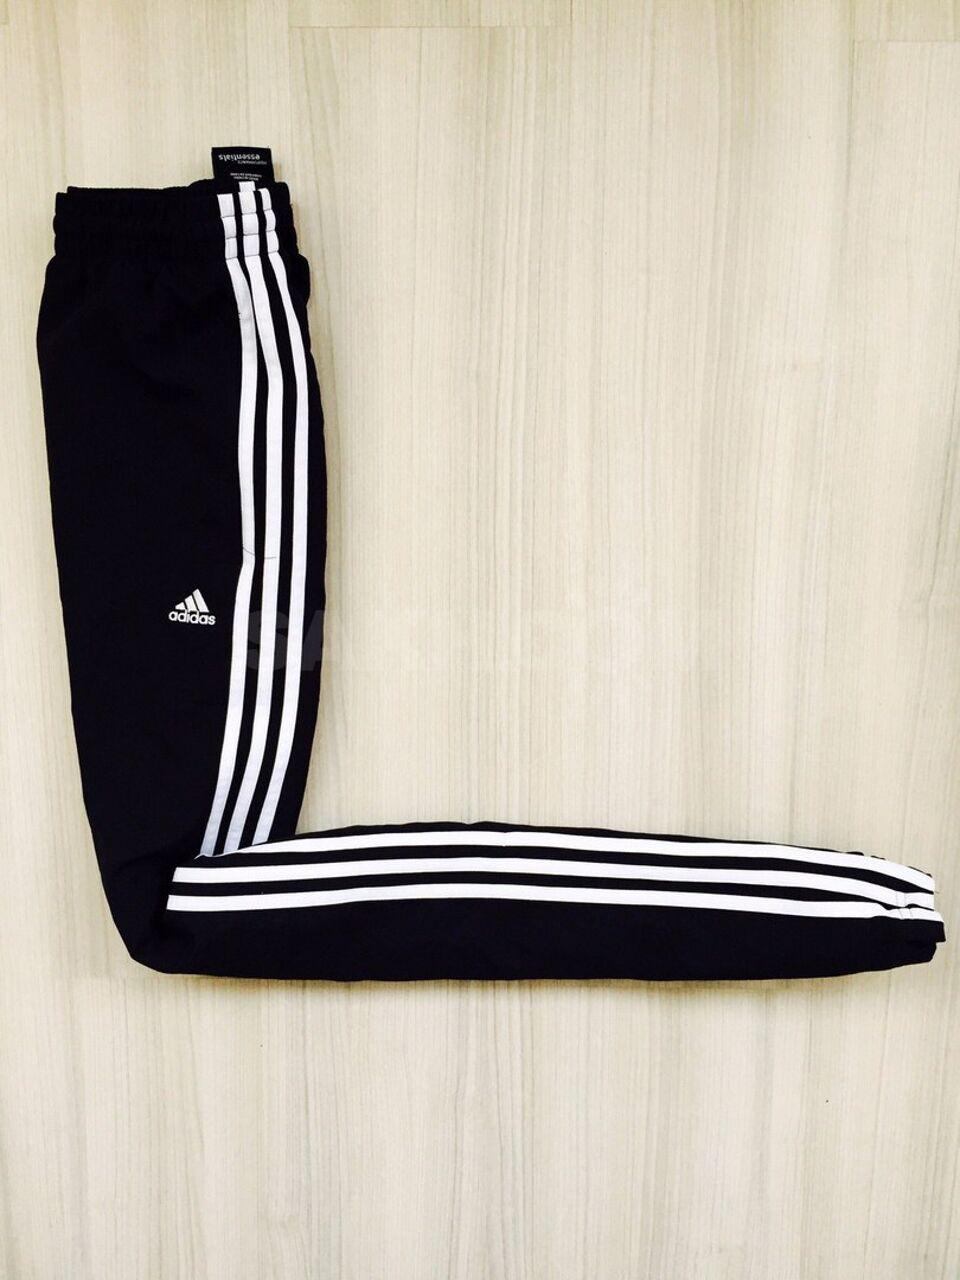 7abedca6 Спортивные штаны Adidas оригинал - 2450 руб. Одежда, обувь и ...